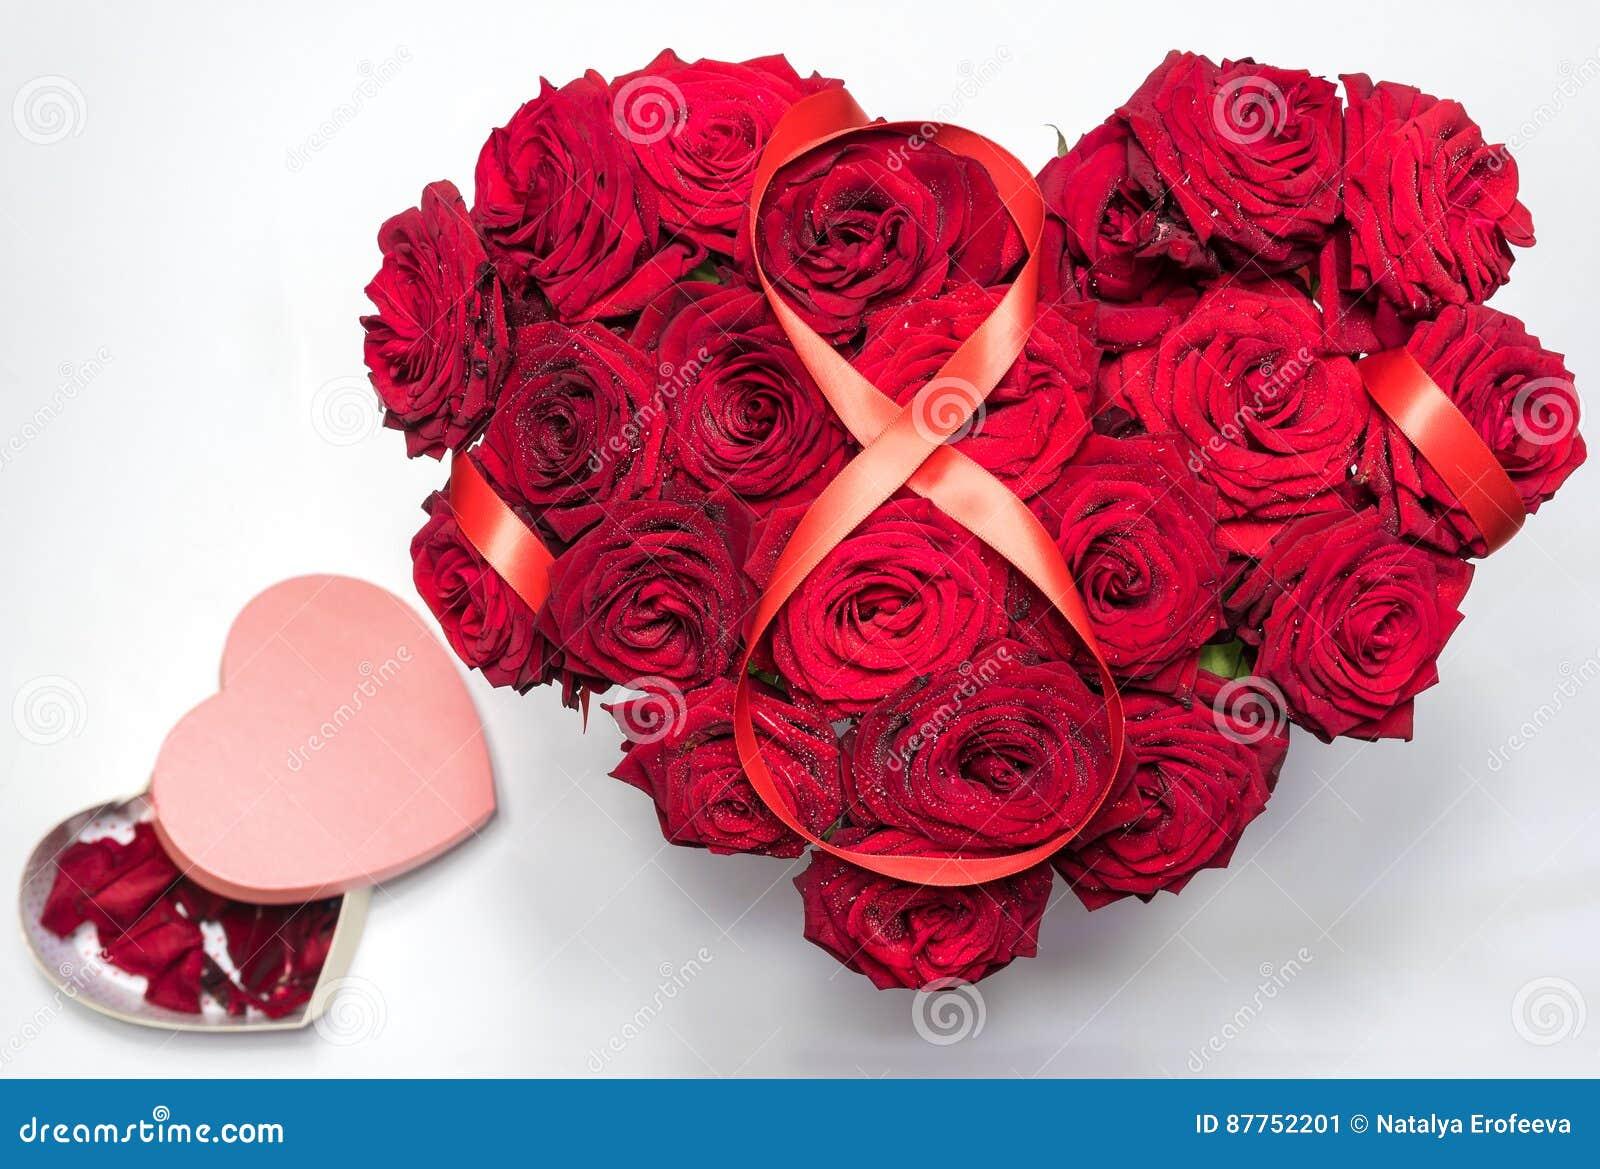 Herz Machte Rote Rosen Blumenstrauss Den Roter Bandabbildung 8 Herz